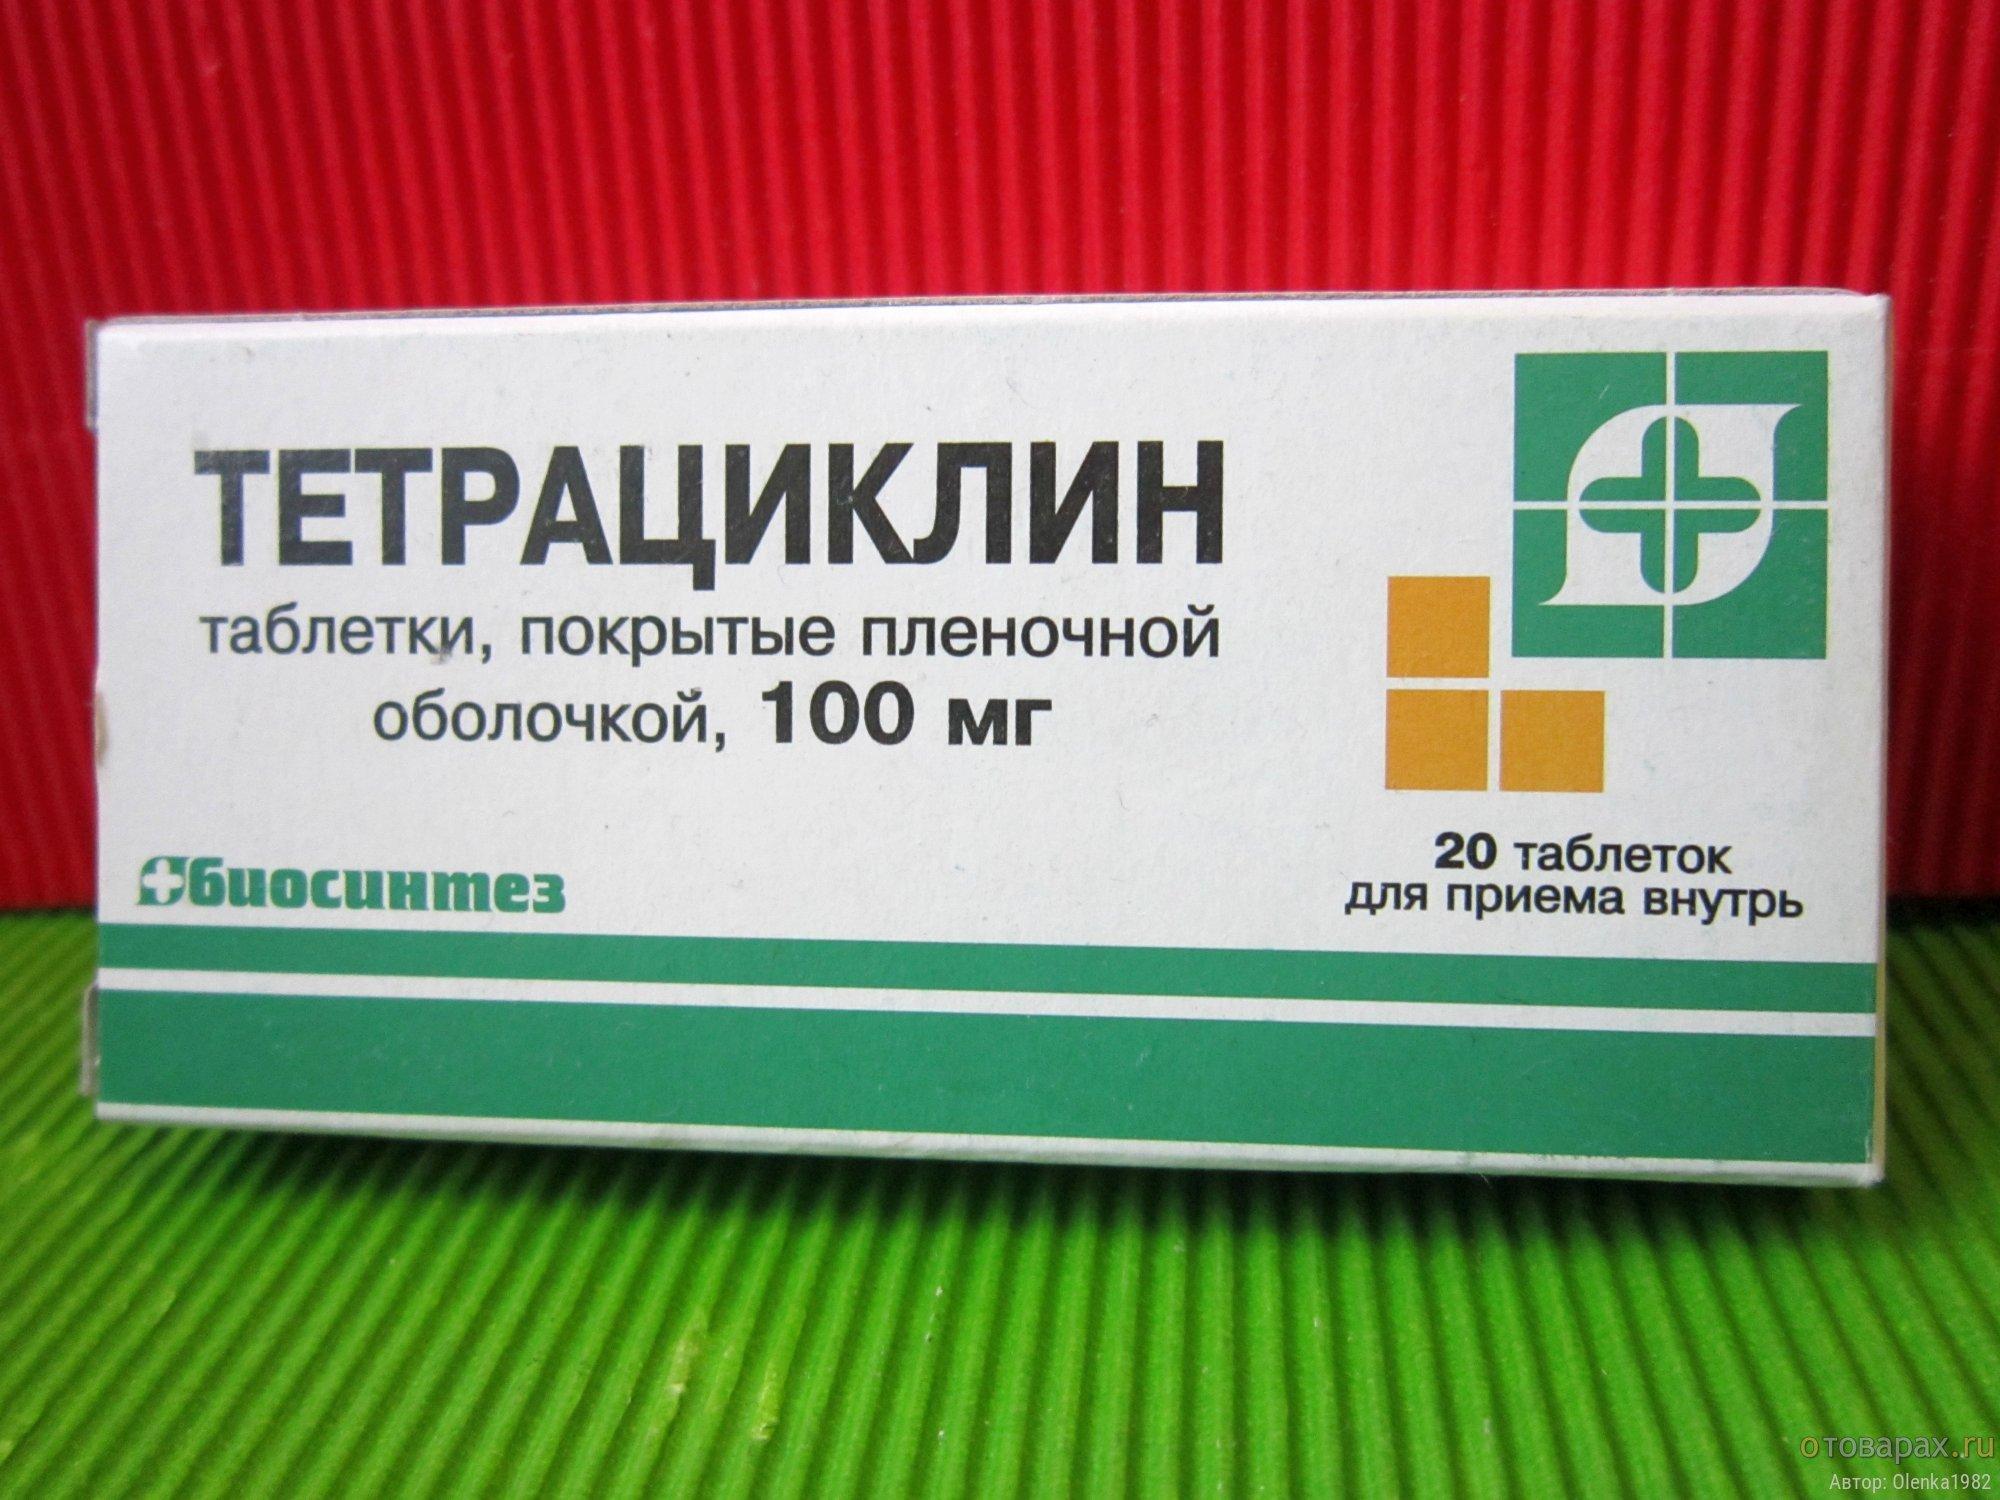 Тетрациклин выпускается в таблетках для внутреннего применения и в виде мази для использования снаружи